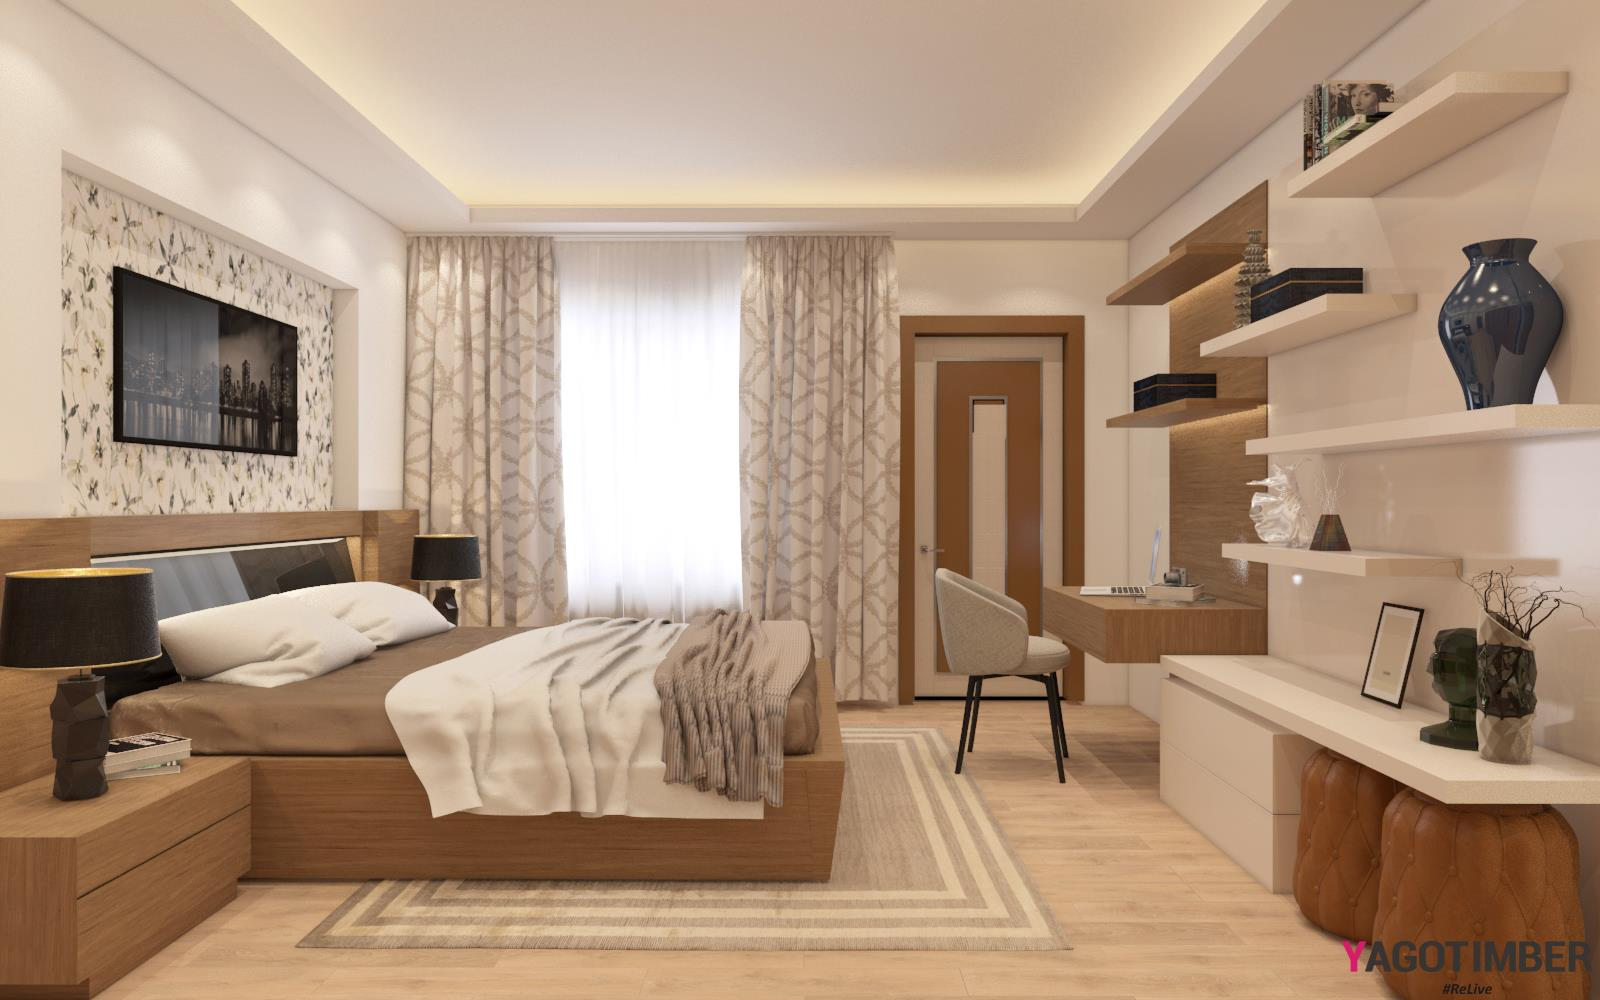 Best Bedroom Design Ideas in D....